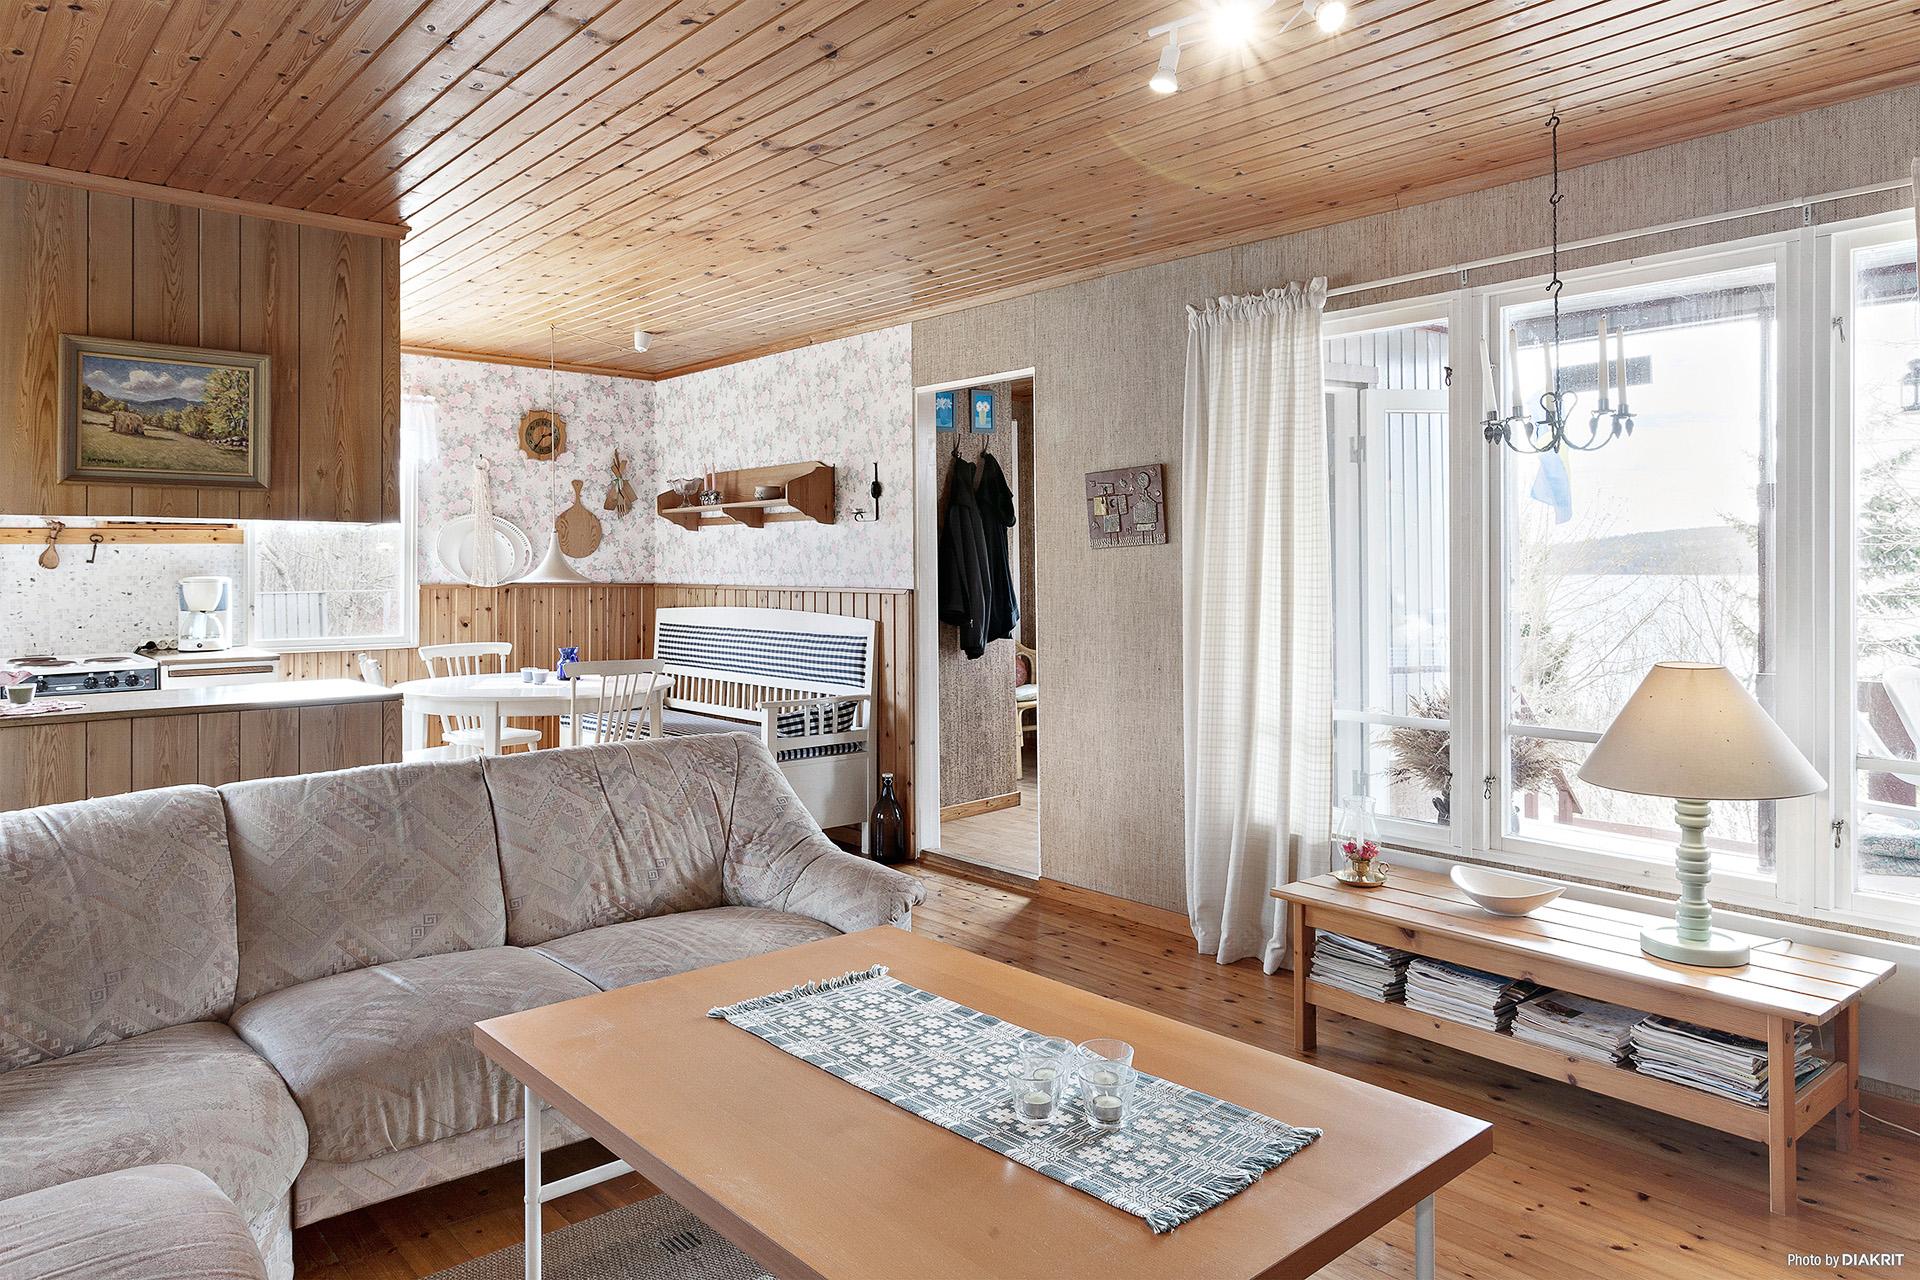 Vardagsrum med härlig storlek på fönsterna